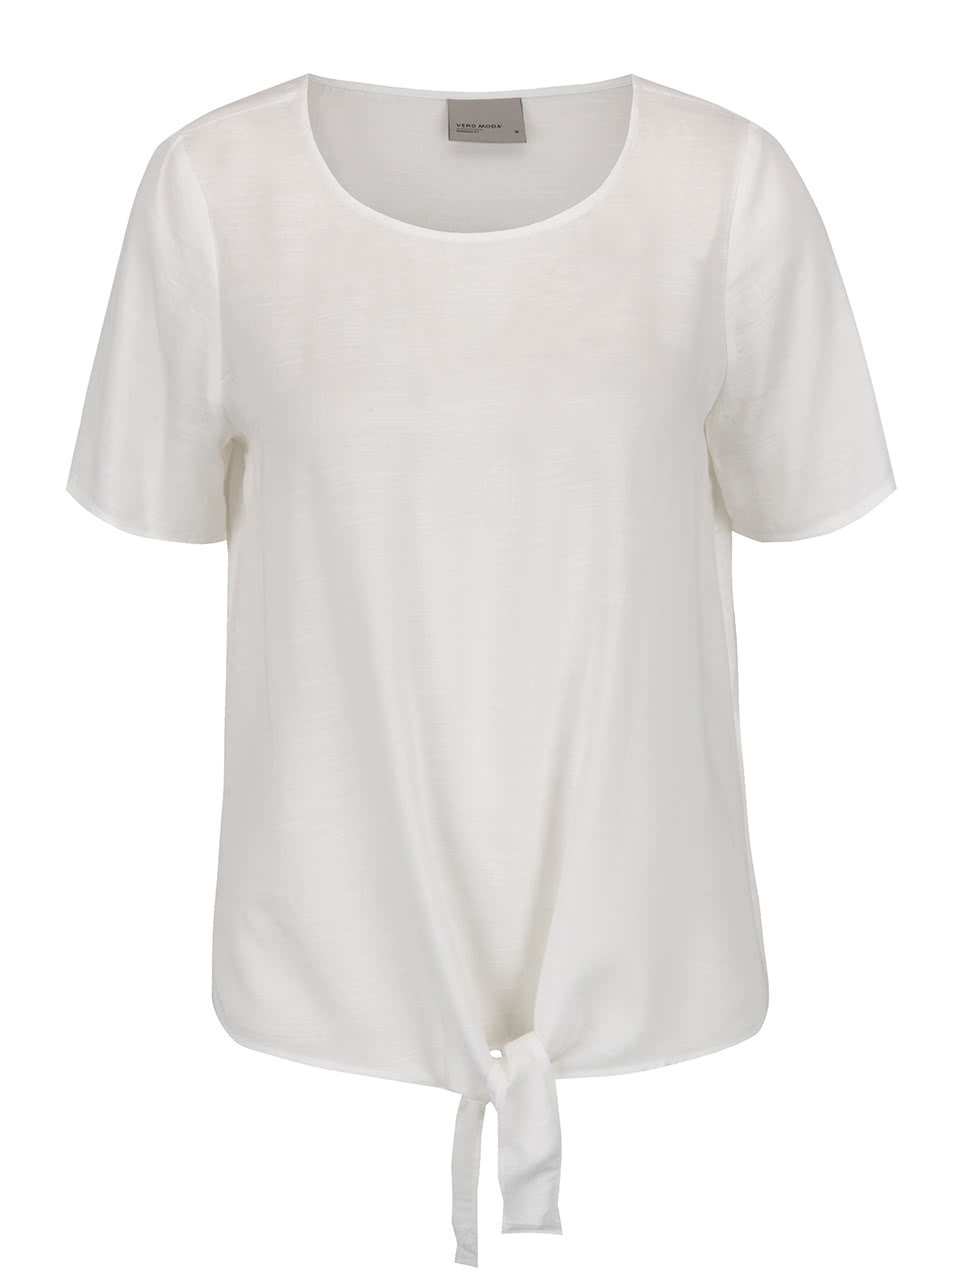 3dfa922e060 Bílé tričko s uzlem Vero Moda Fay ...